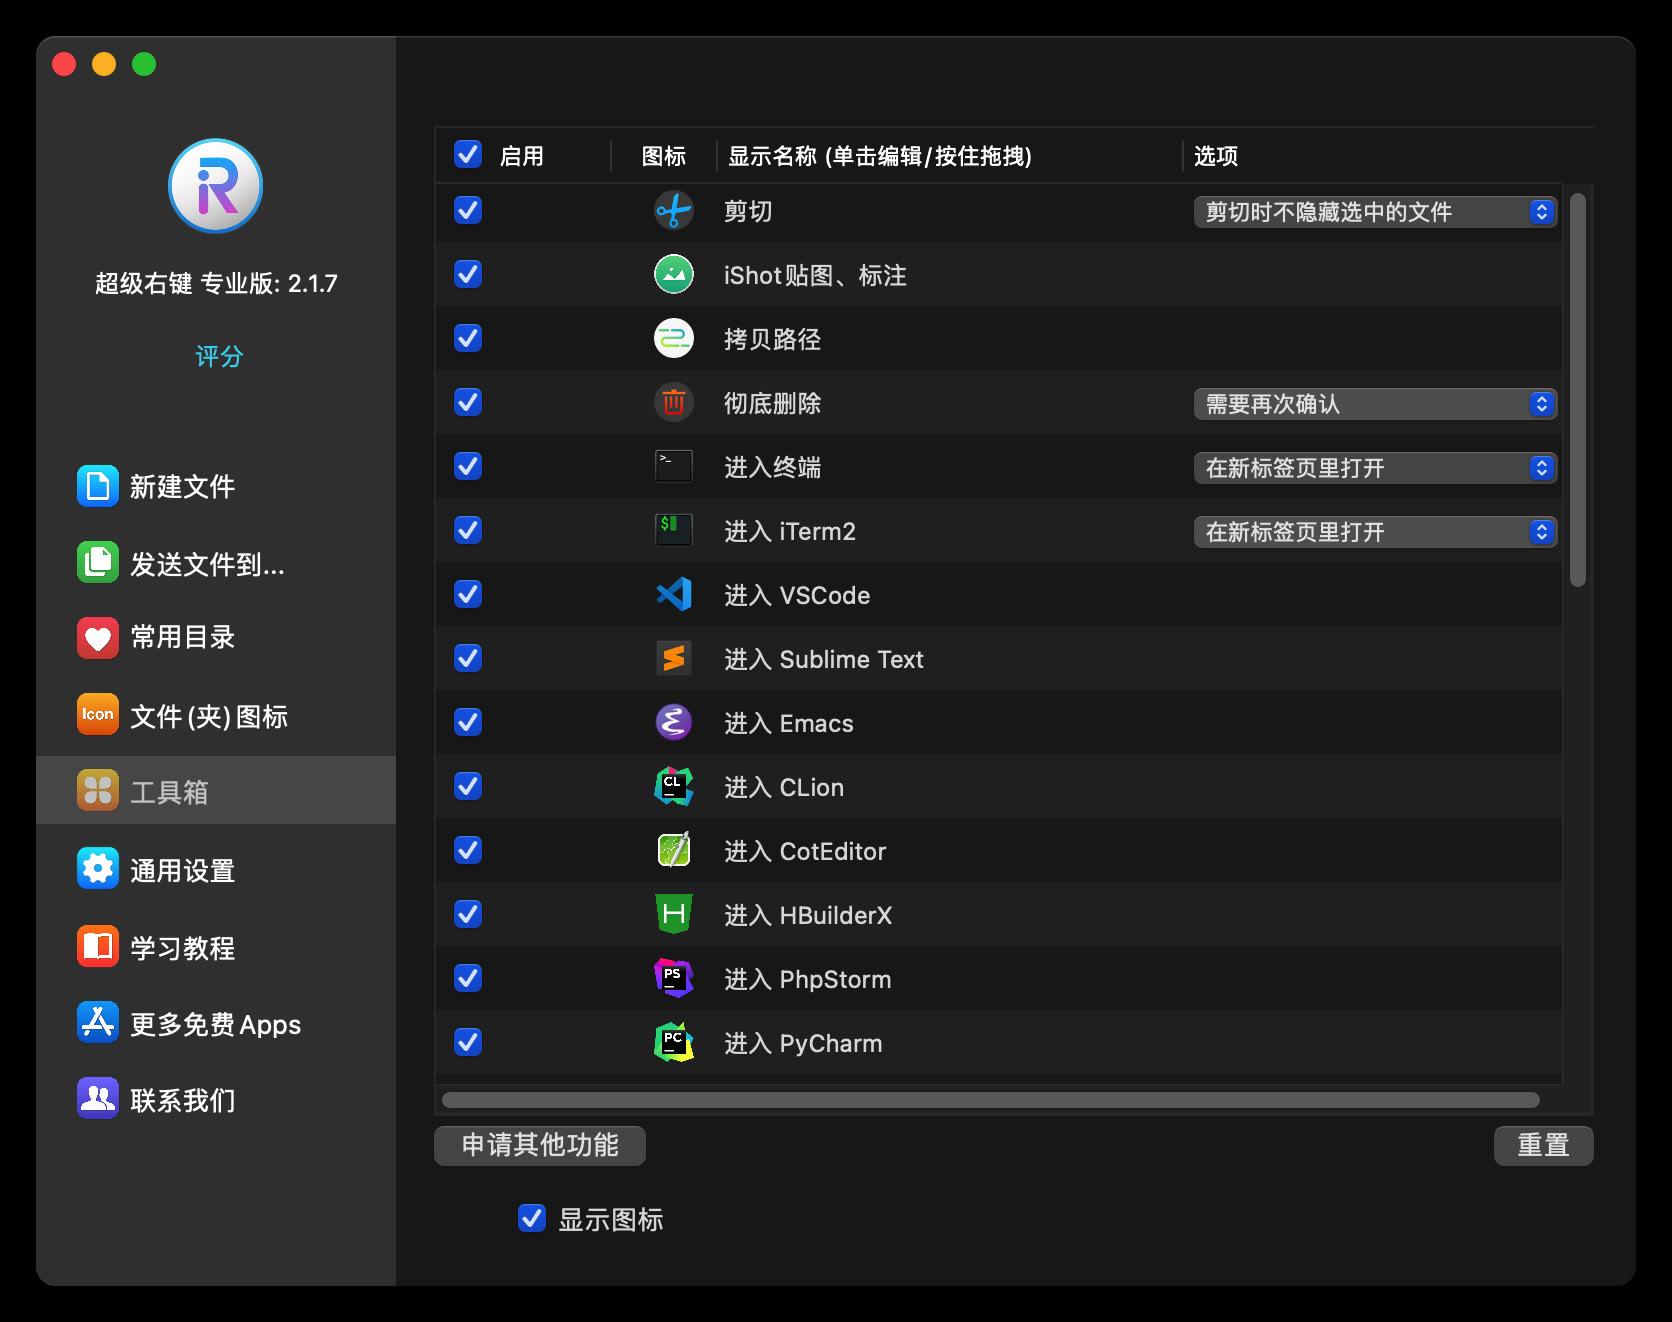 Macbook Pro苹果电脑超级彻底删除文件,右键超级新建